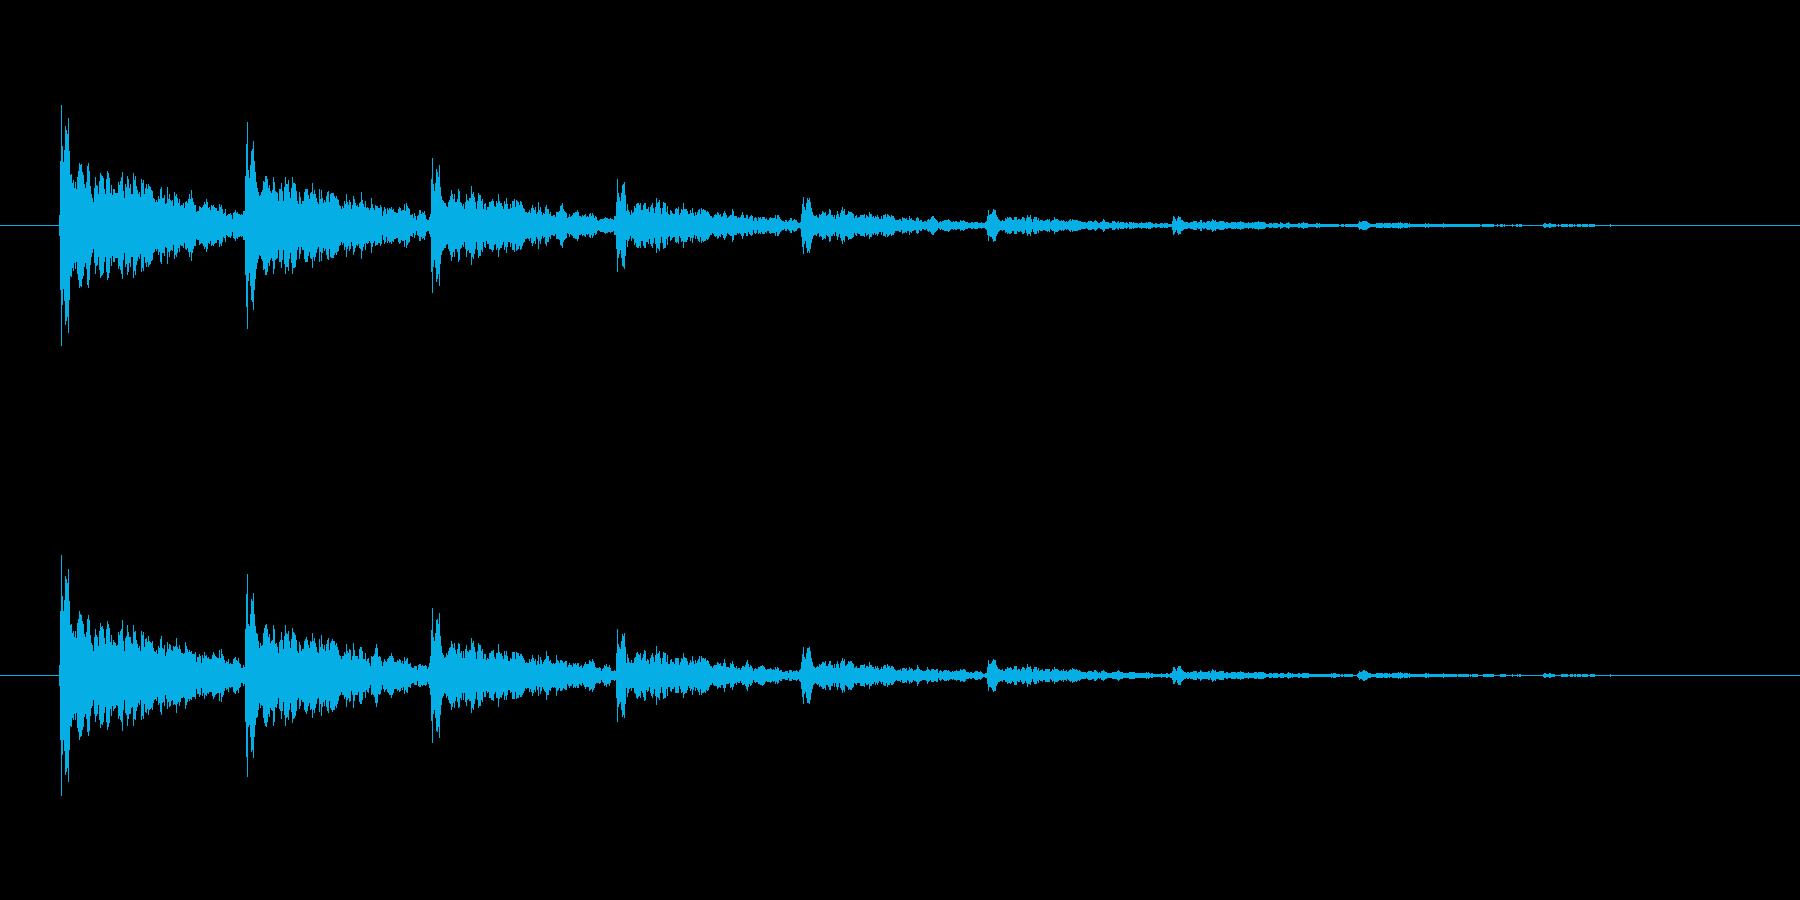 【アクセント11-3】の再生済みの波形